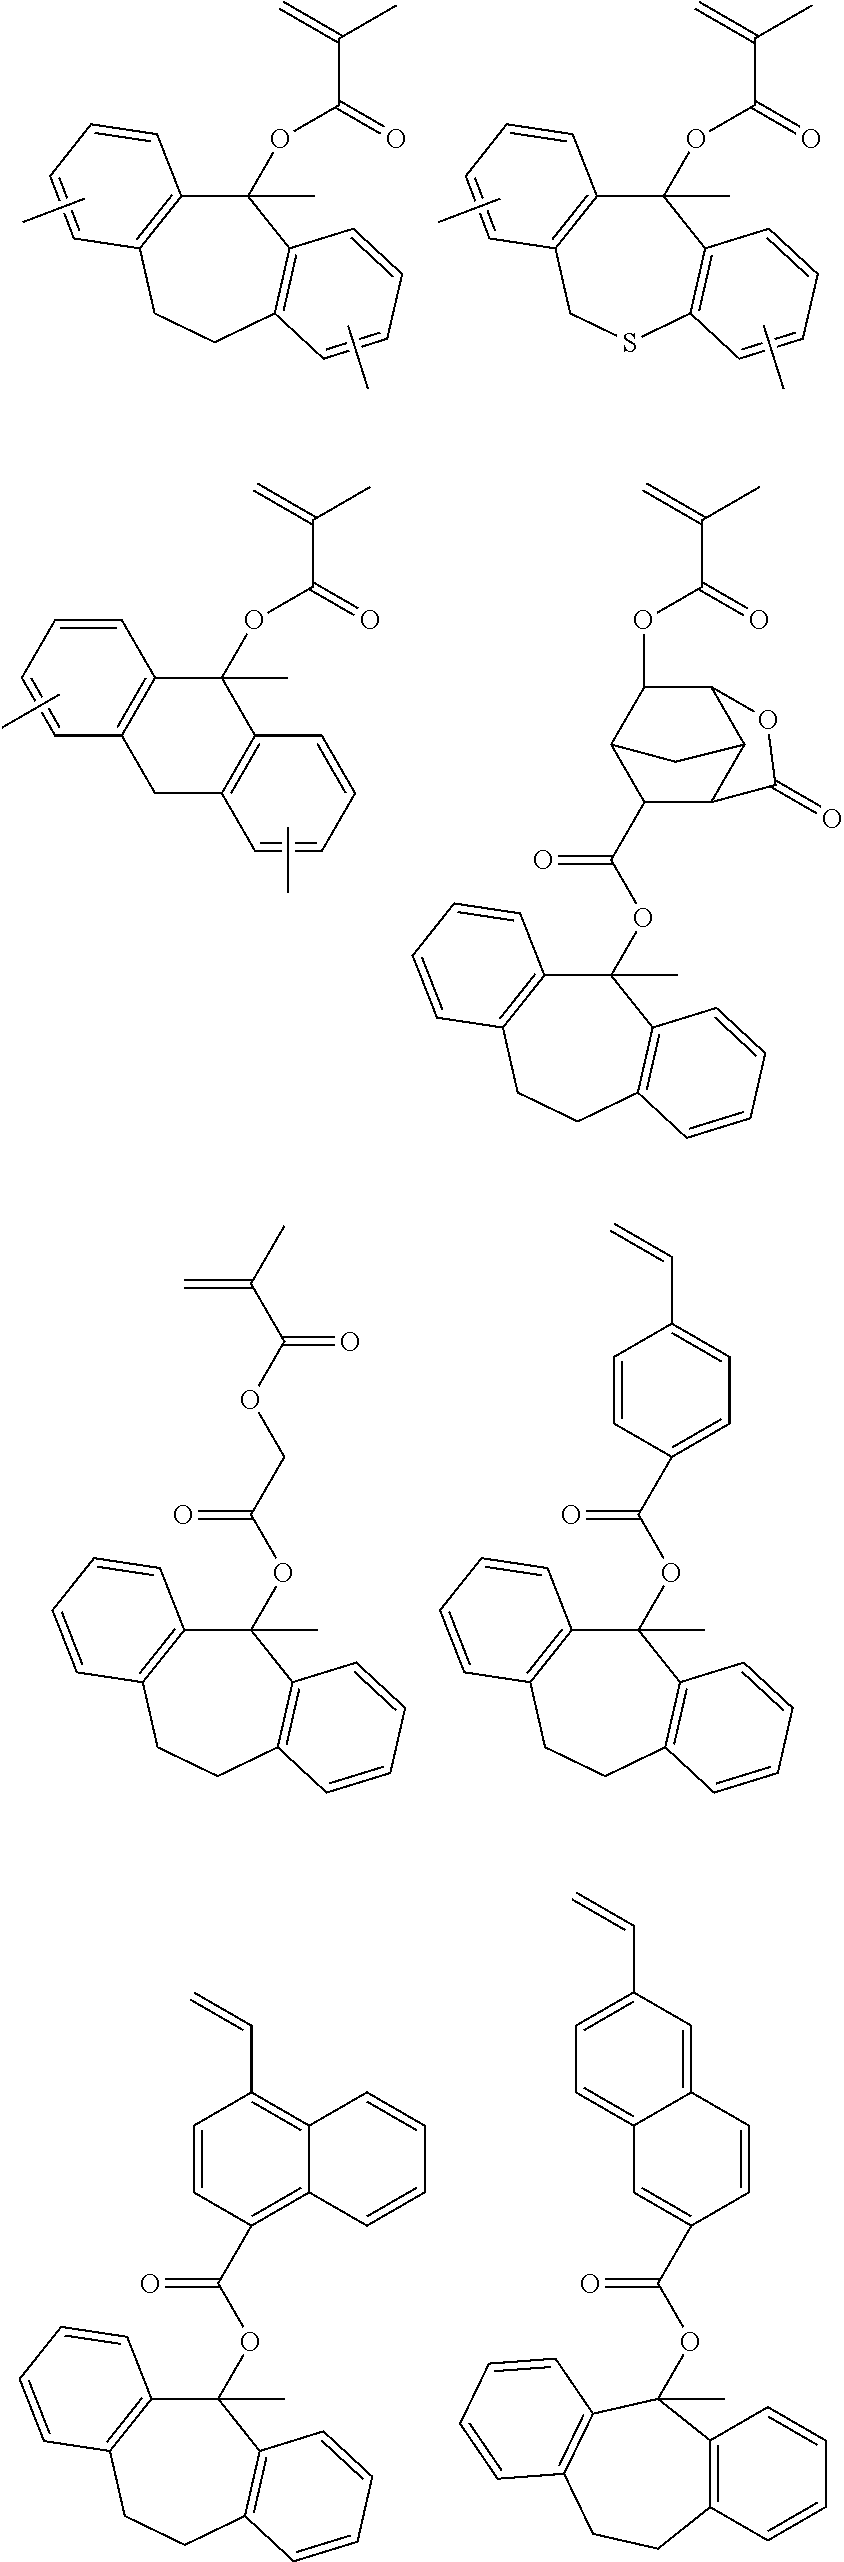 Figure US09023586-20150505-C00081